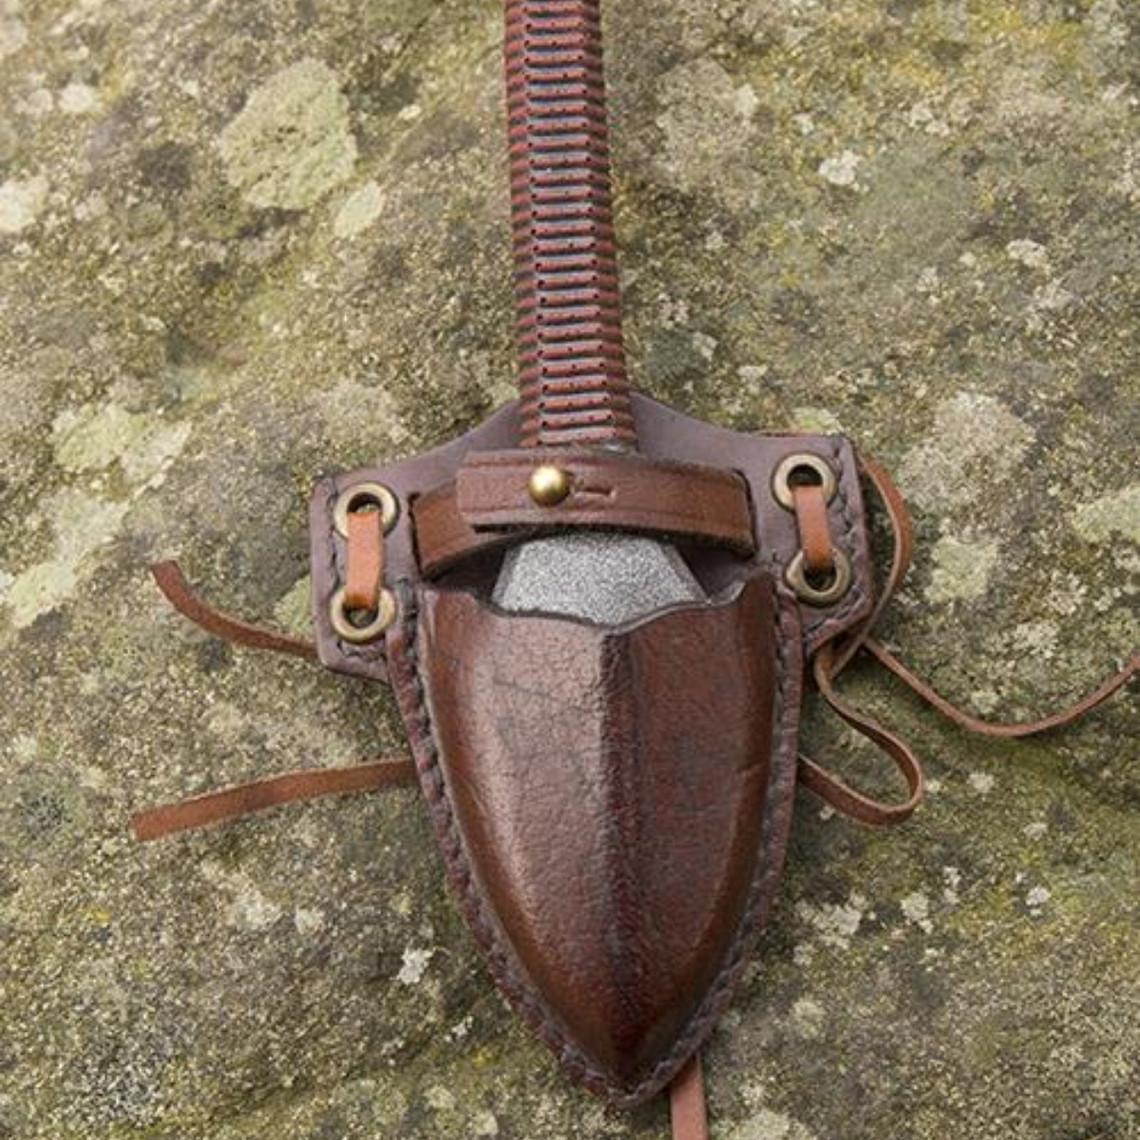 Epic Armoury GRV coltello kunai con supporto, marrone